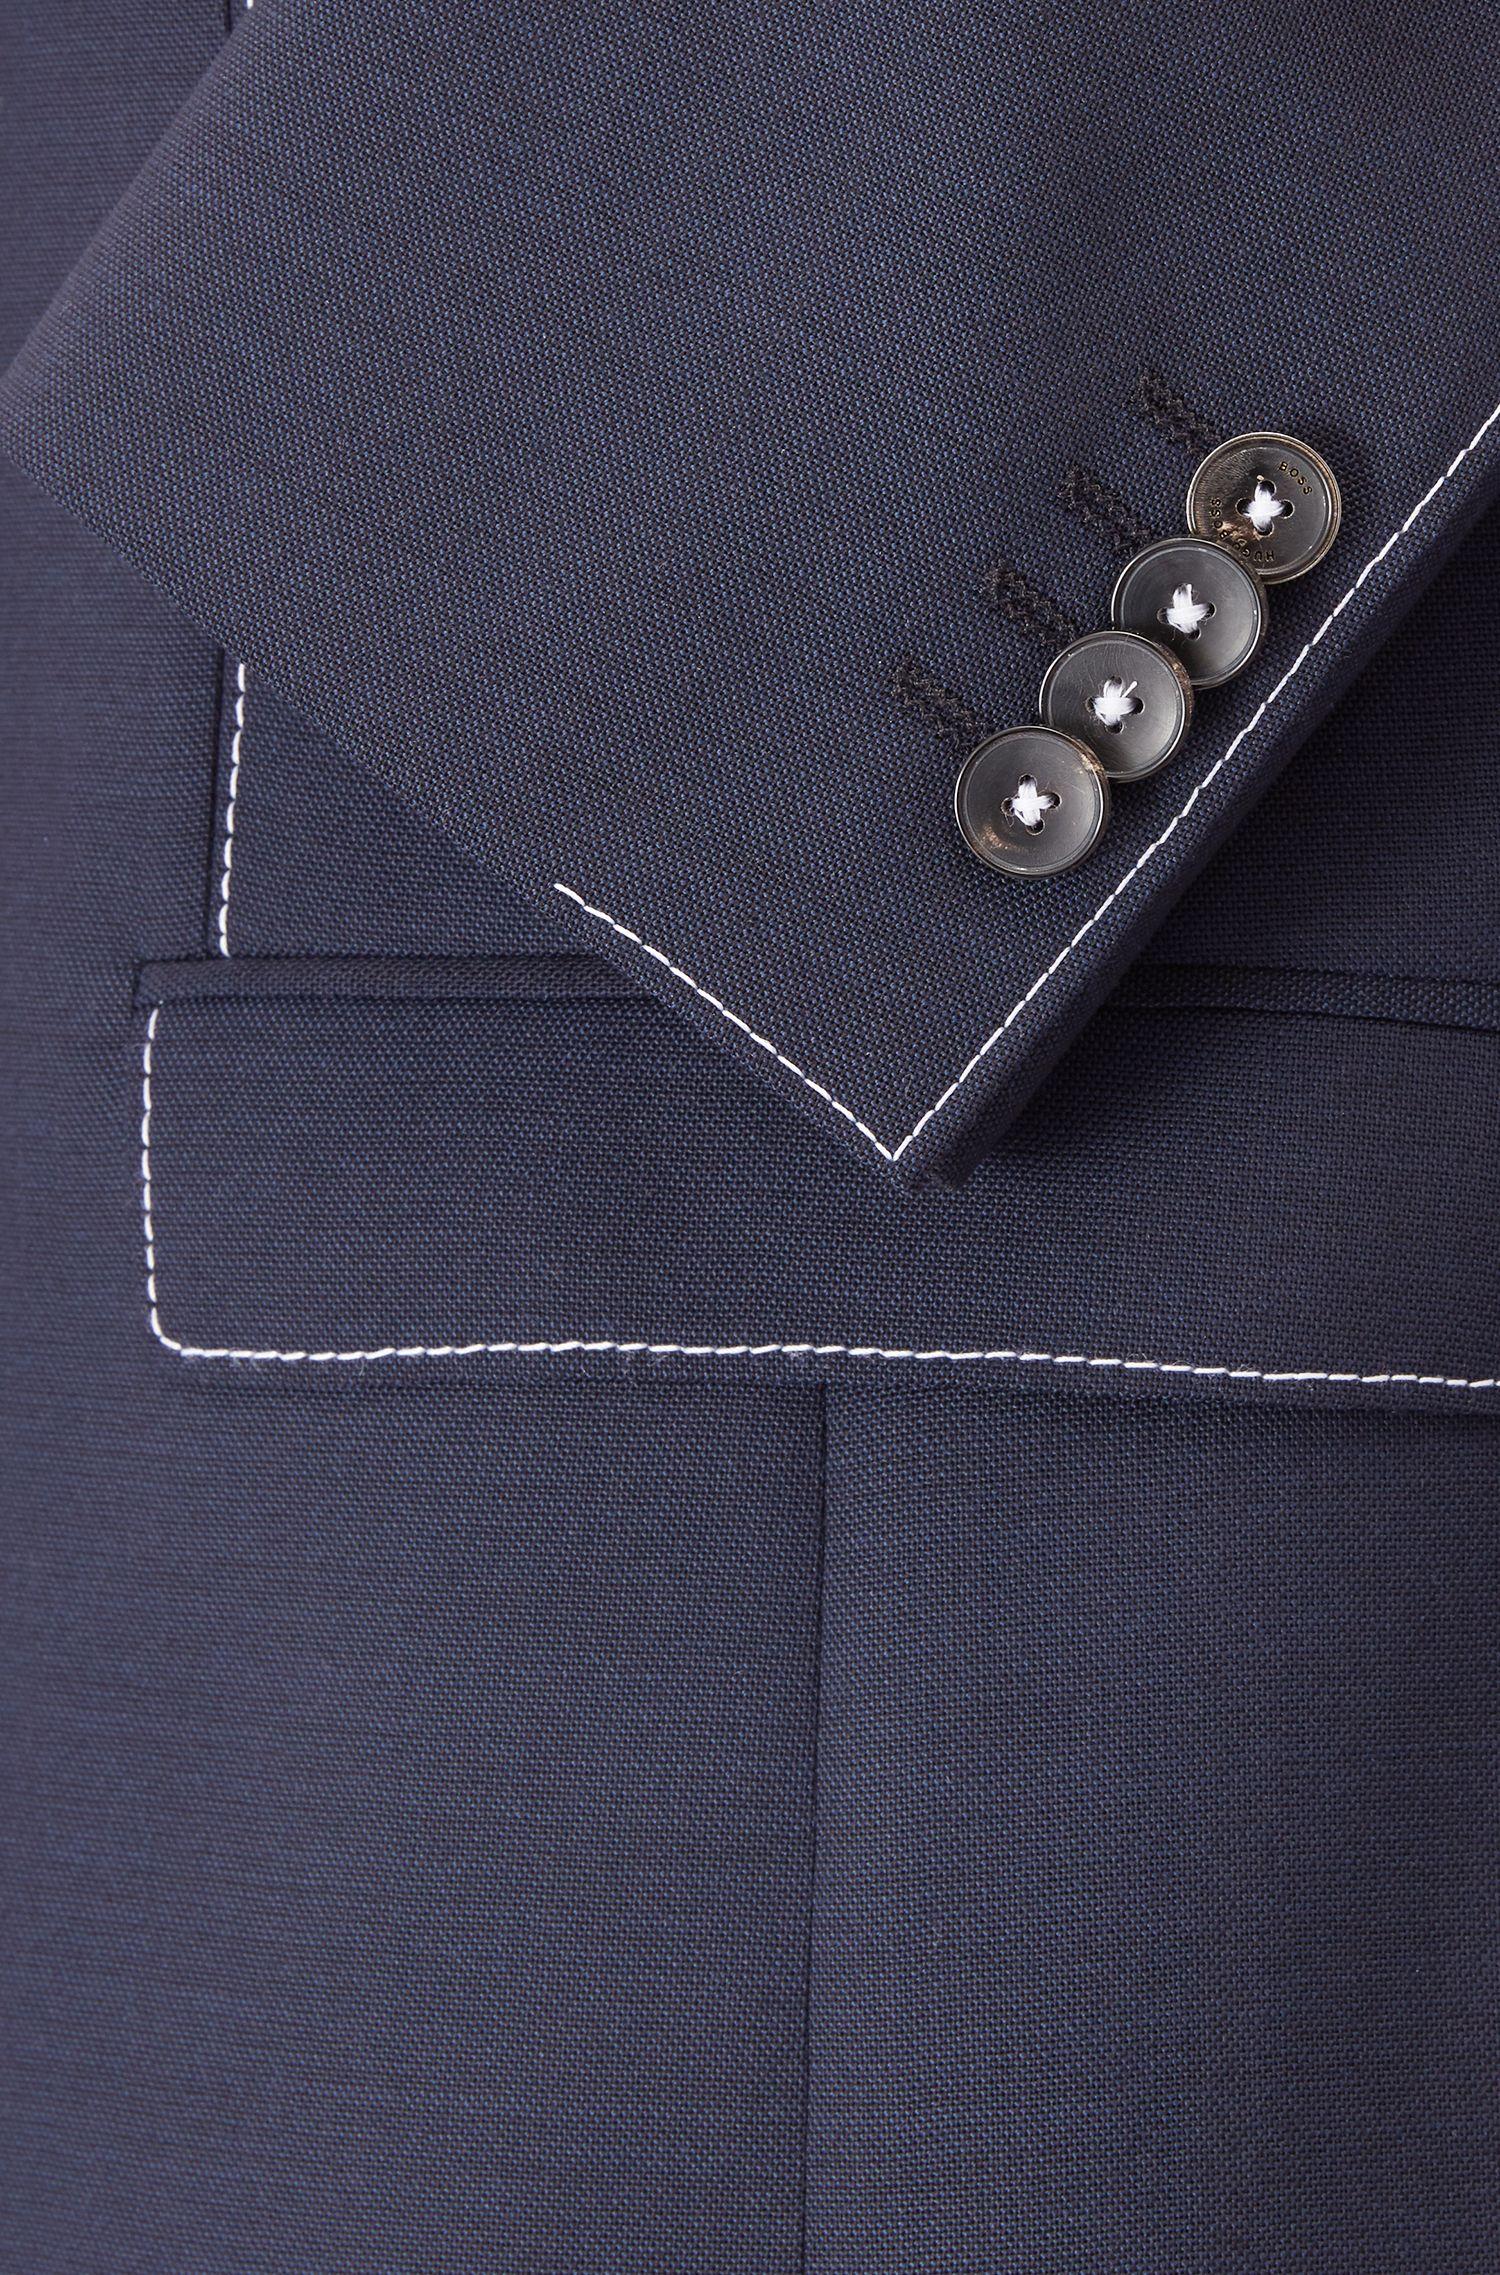 Chaqueta extra slim fit en lana virgen con costuras en contraste